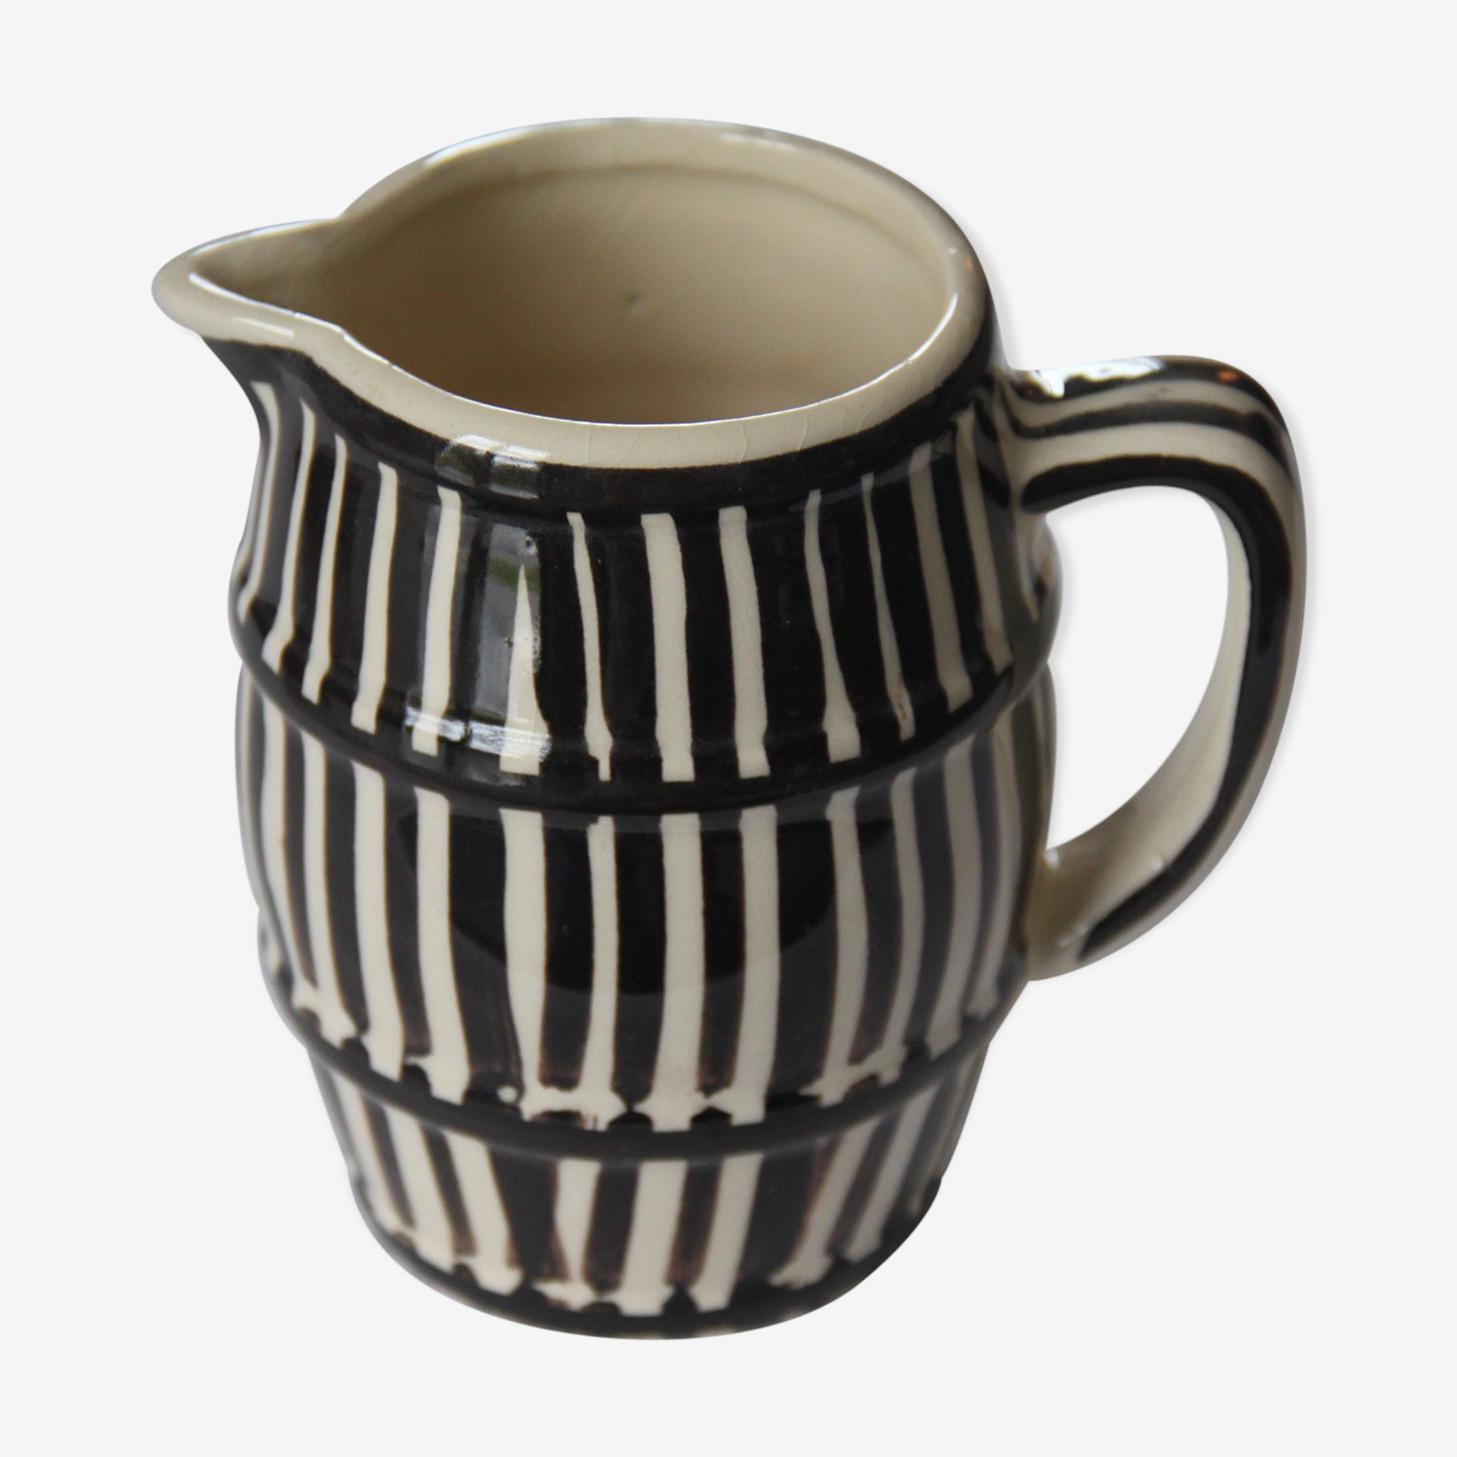 Pichet en céramique noir et blanc